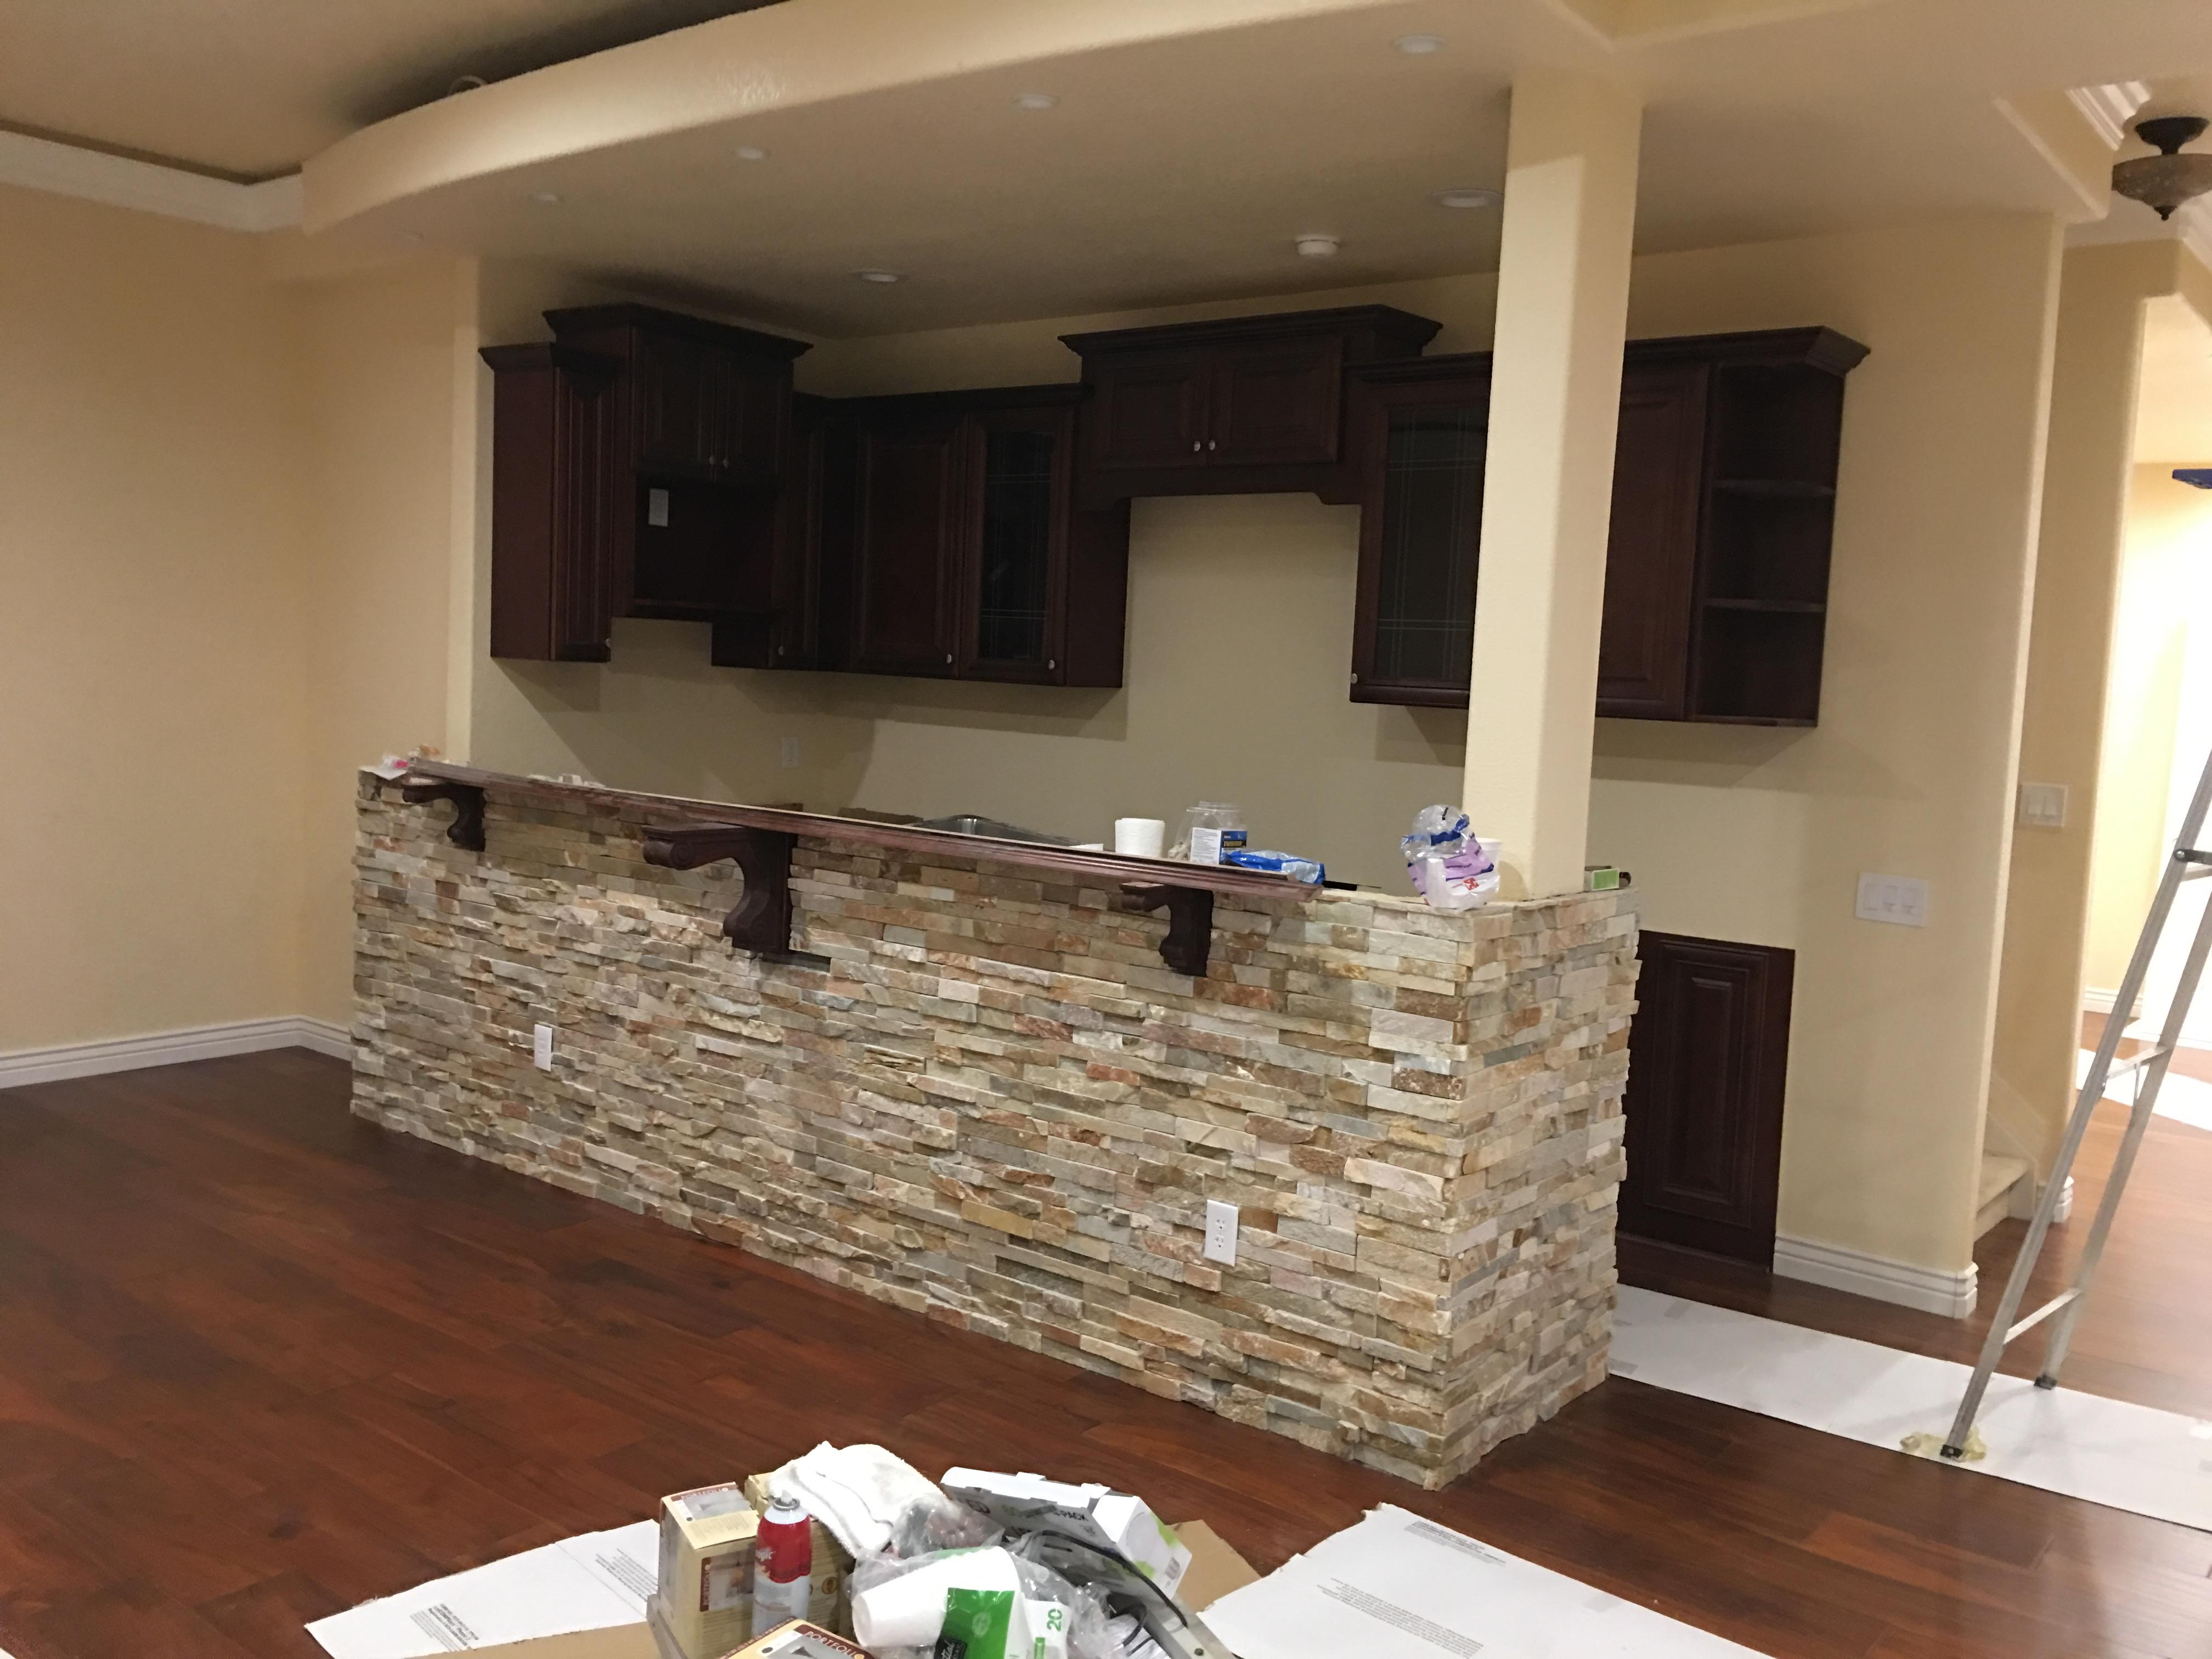 Basement Remodeling Bathroom Remodeling Kitchen Remodeling - Bathroom remodeling aurora